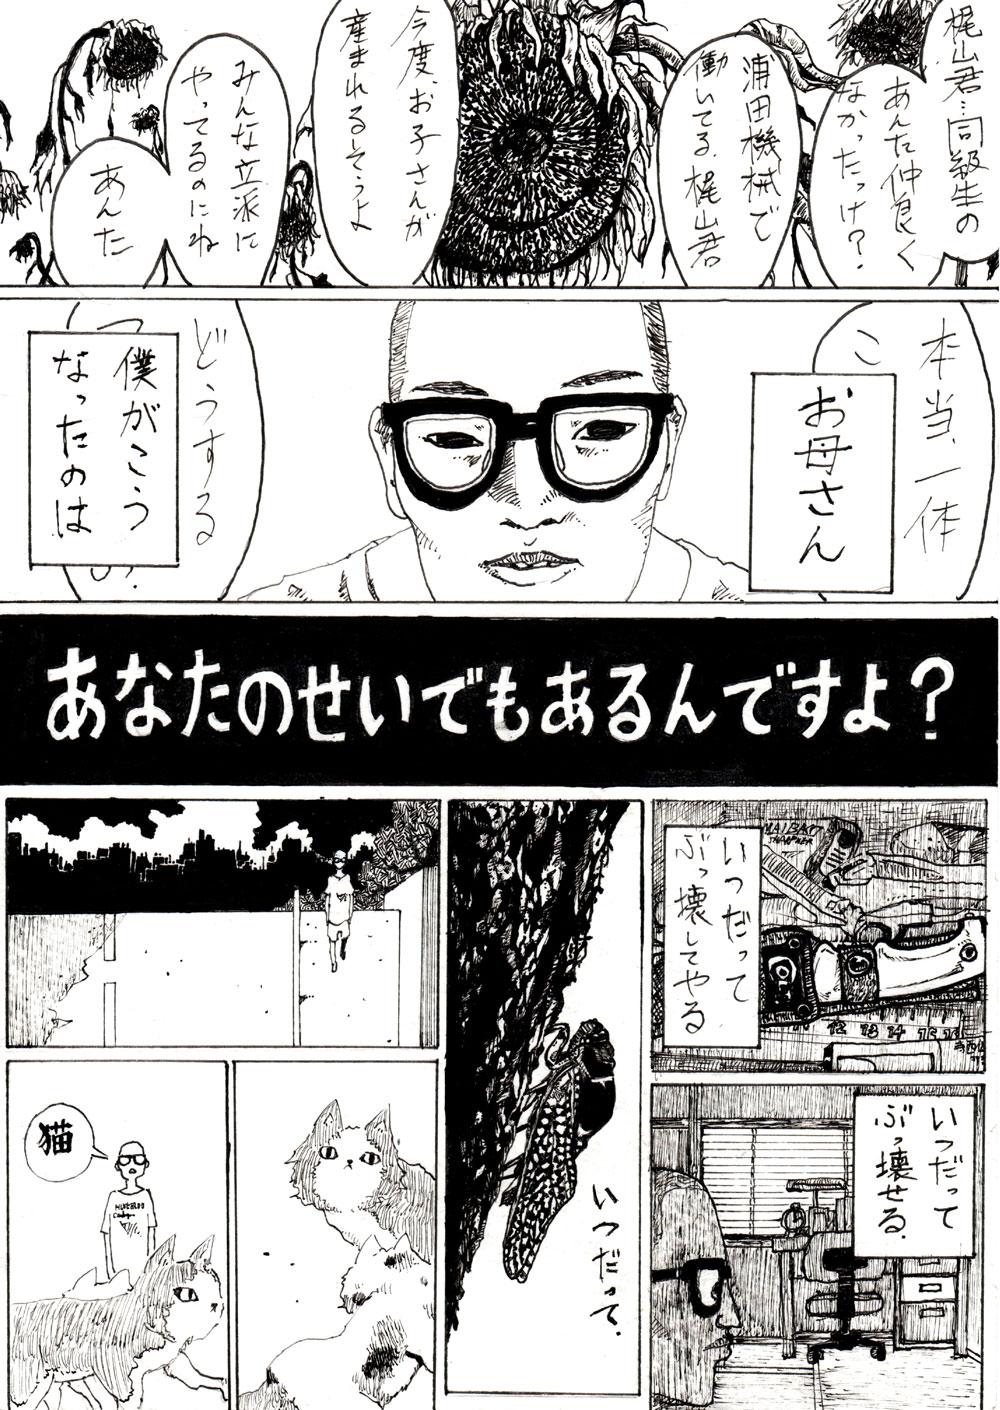 shinoda-003-1